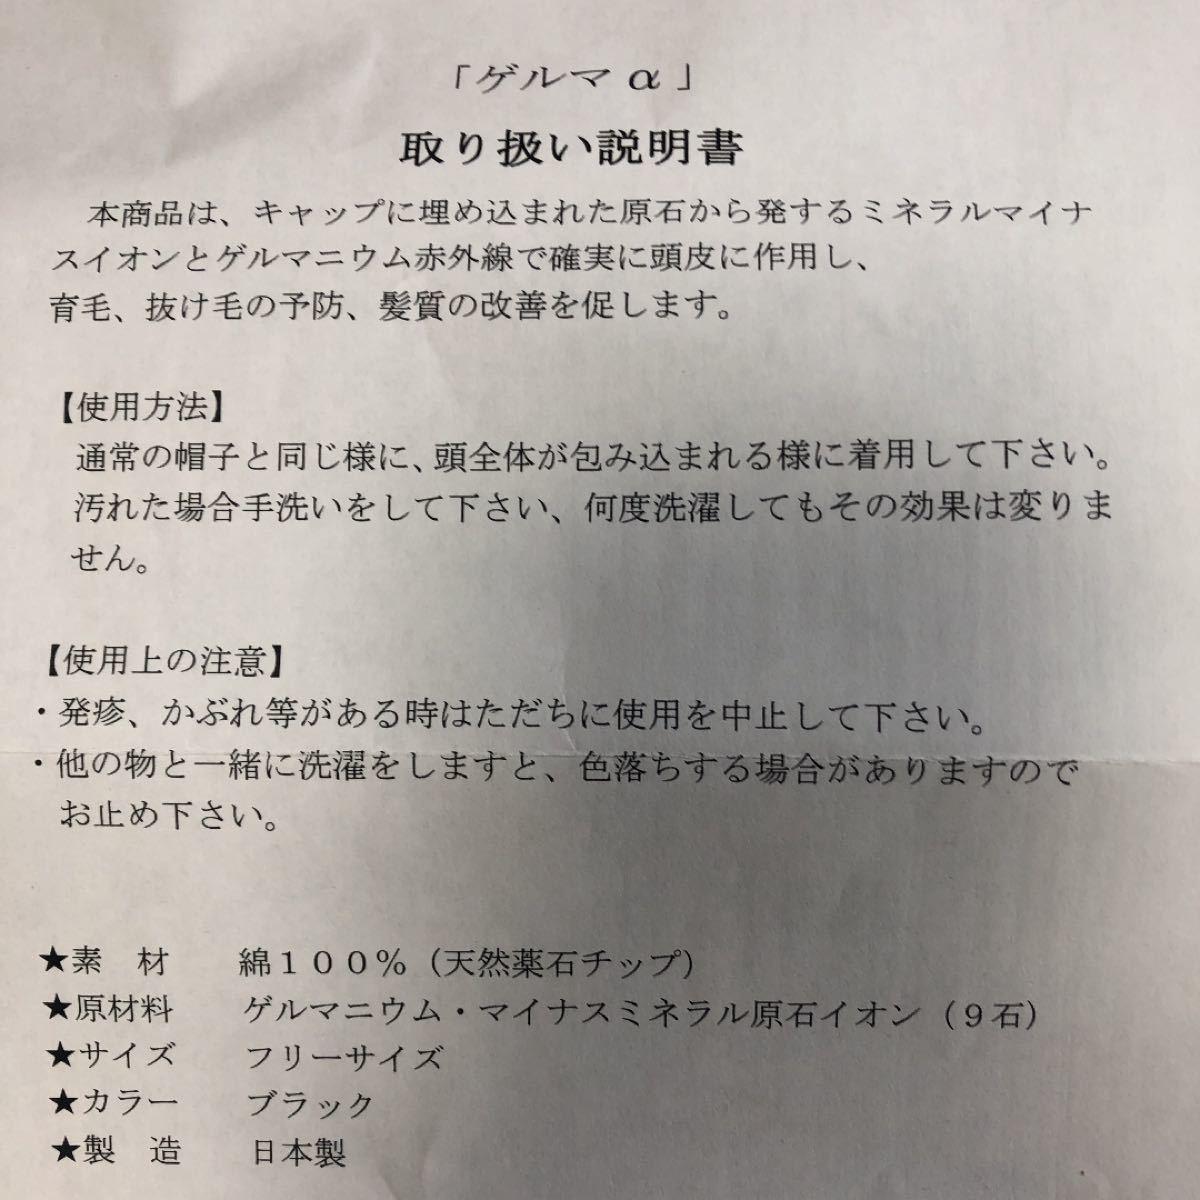 ゲルマα キャップ 抜け毛予防